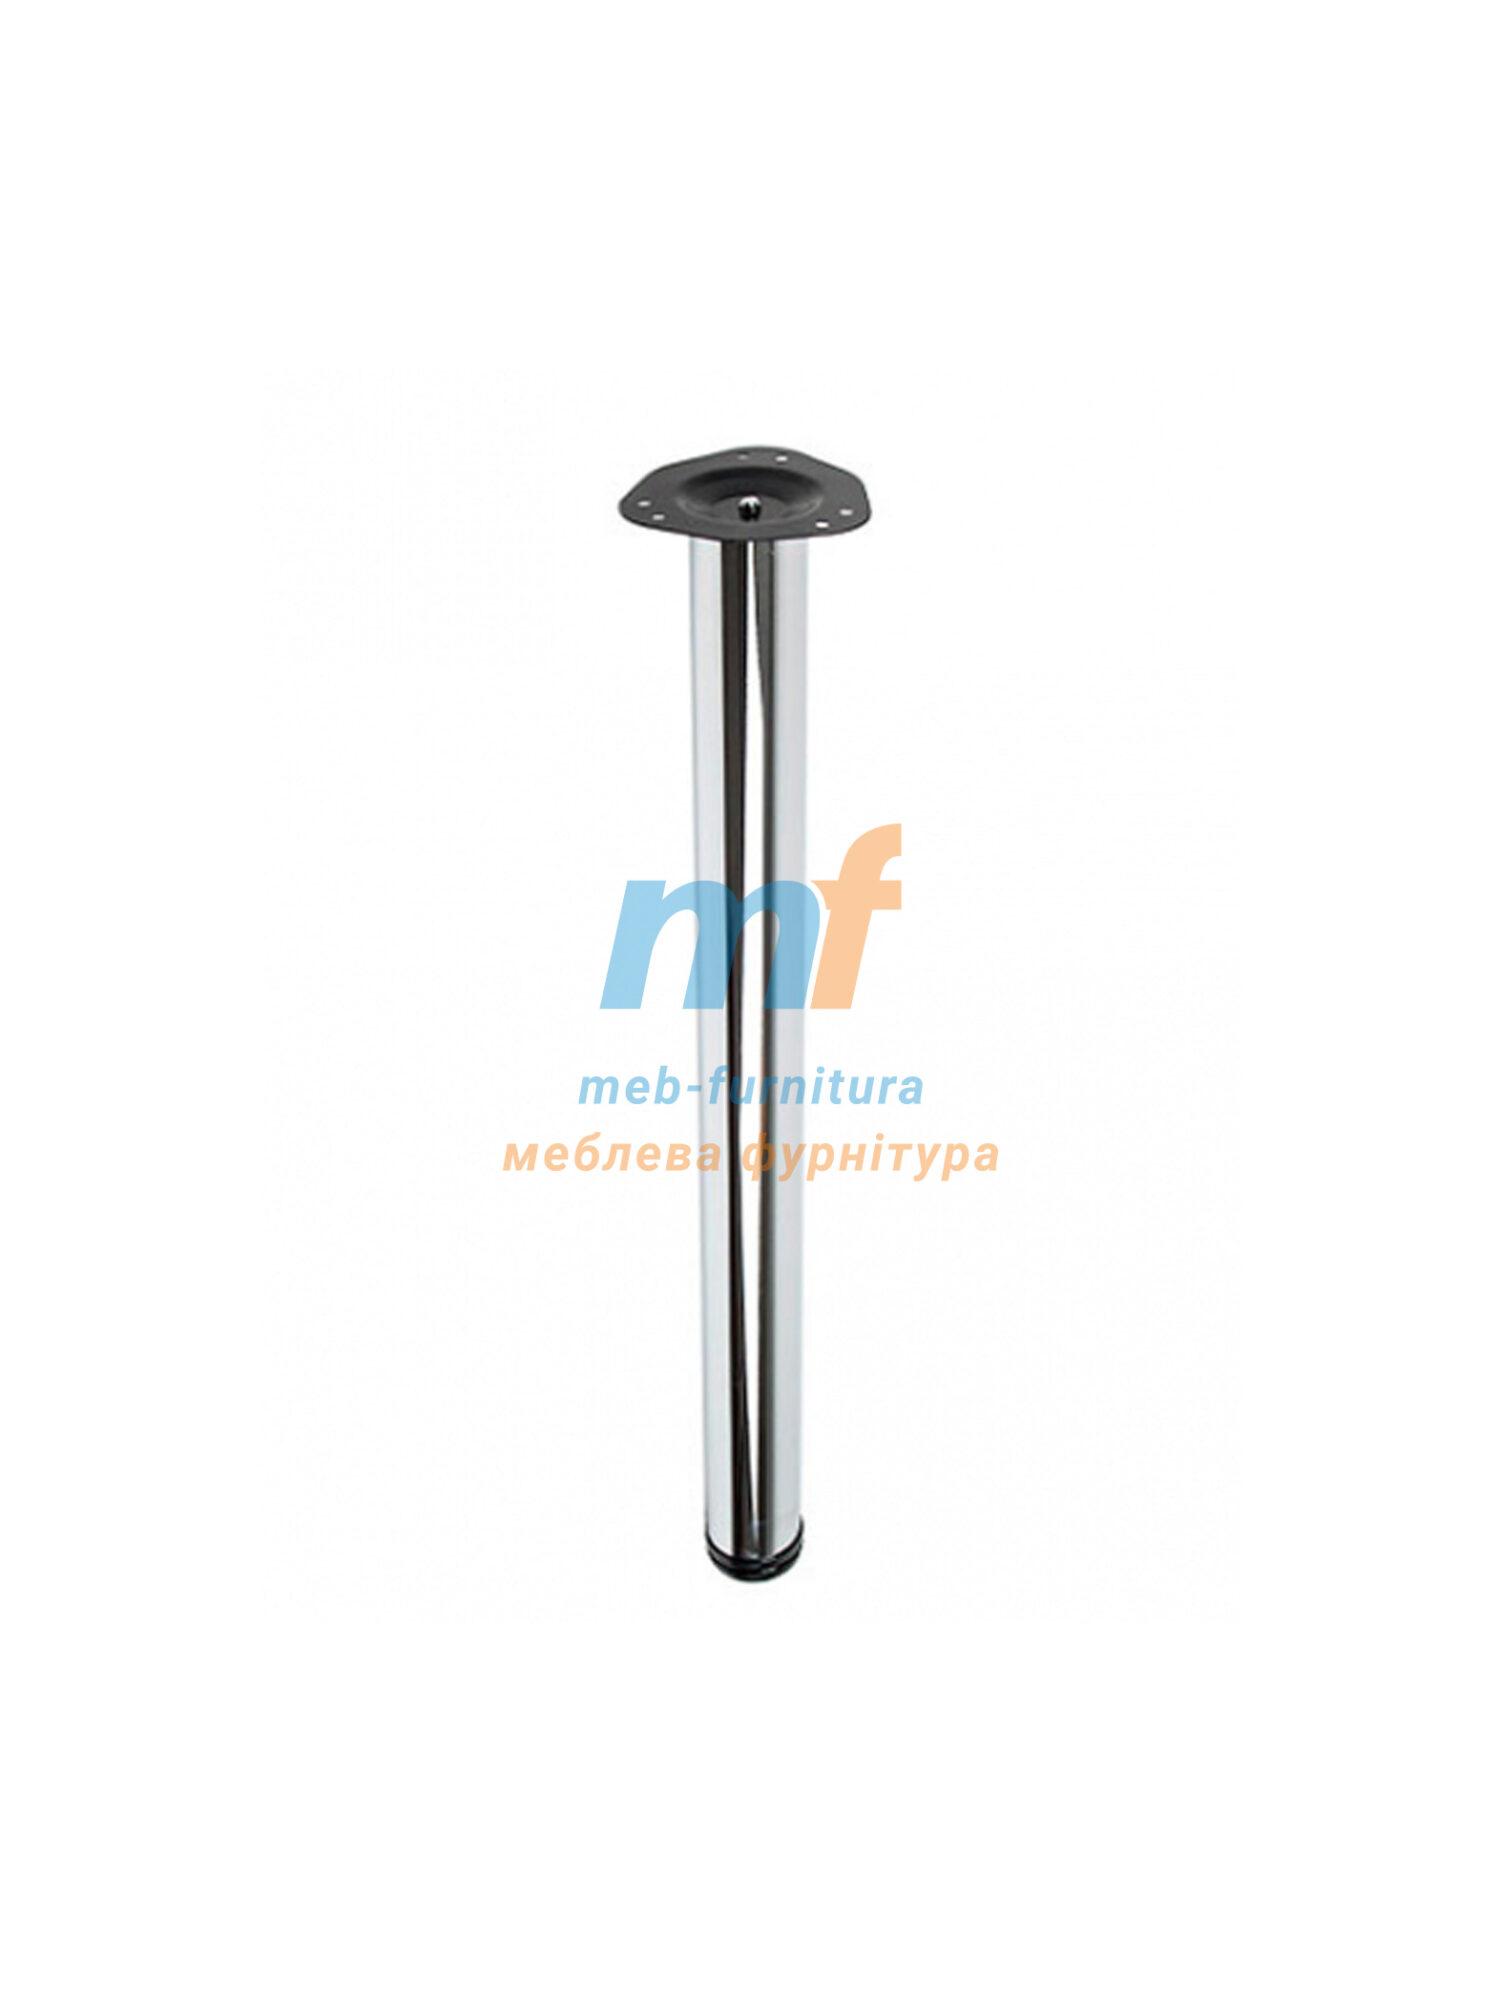 Опора для столов регулирующая 60х810мм хром